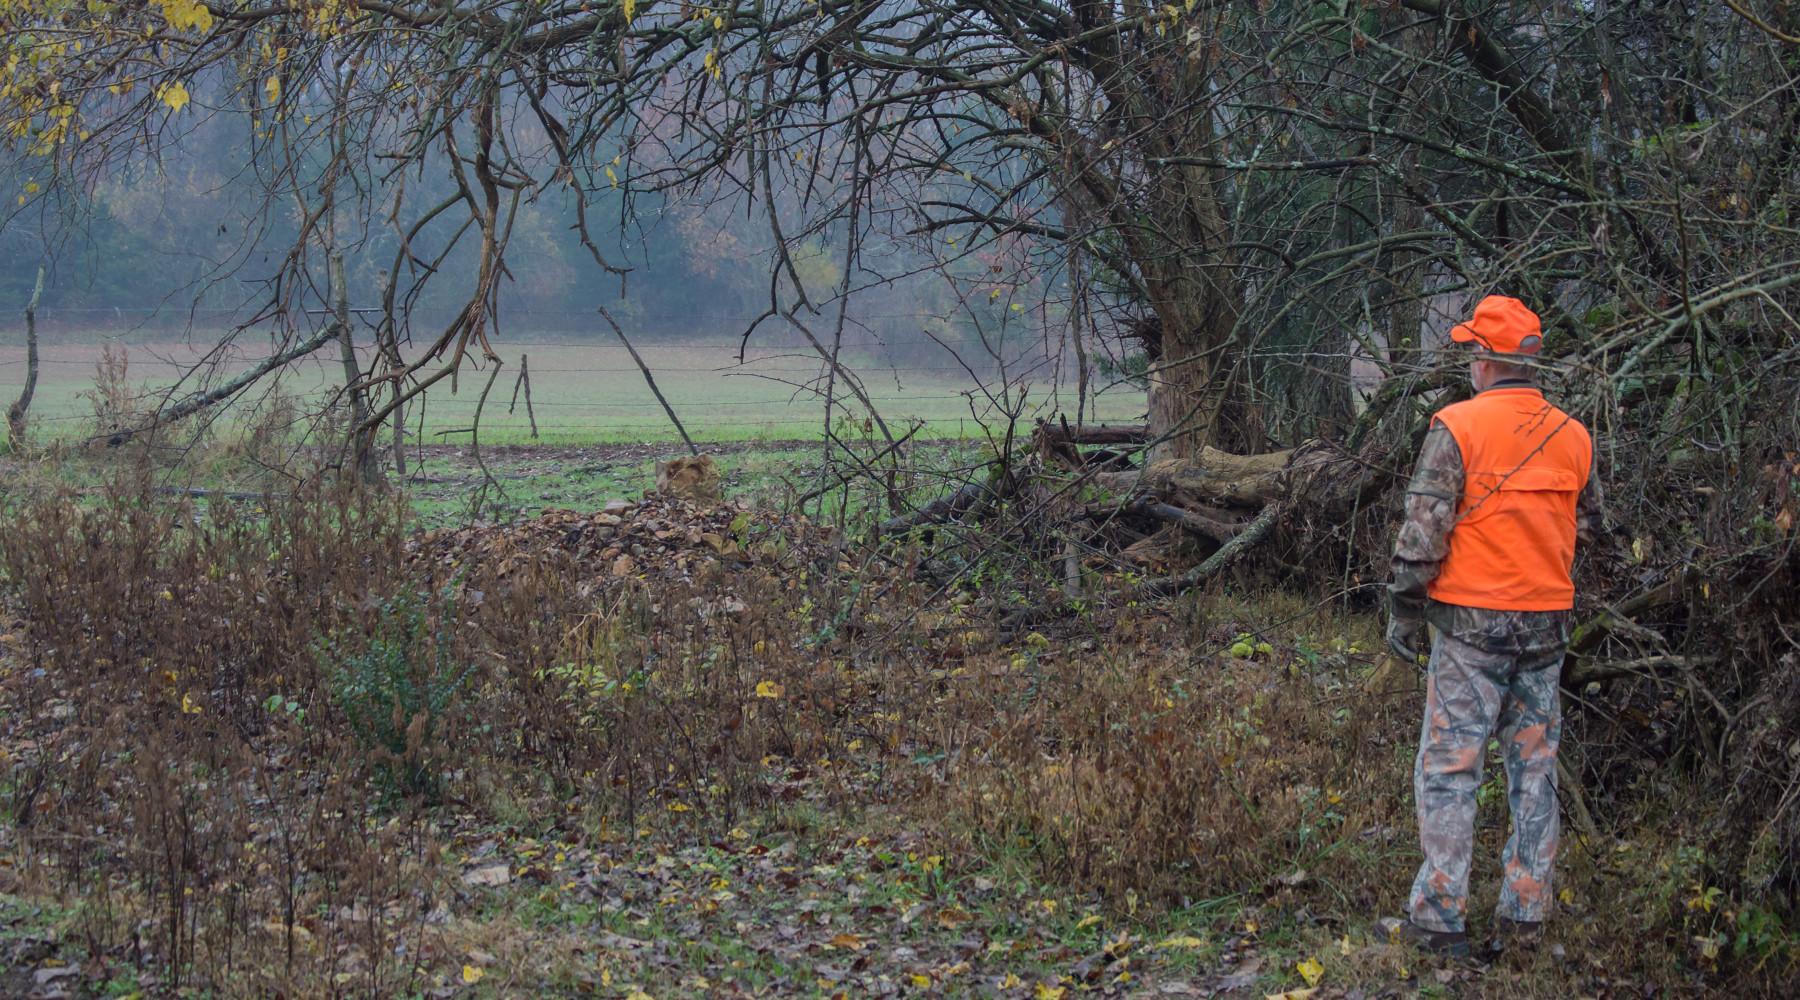 caccia nei fondi privati: cacciatore vestito di arancione, nel bosco